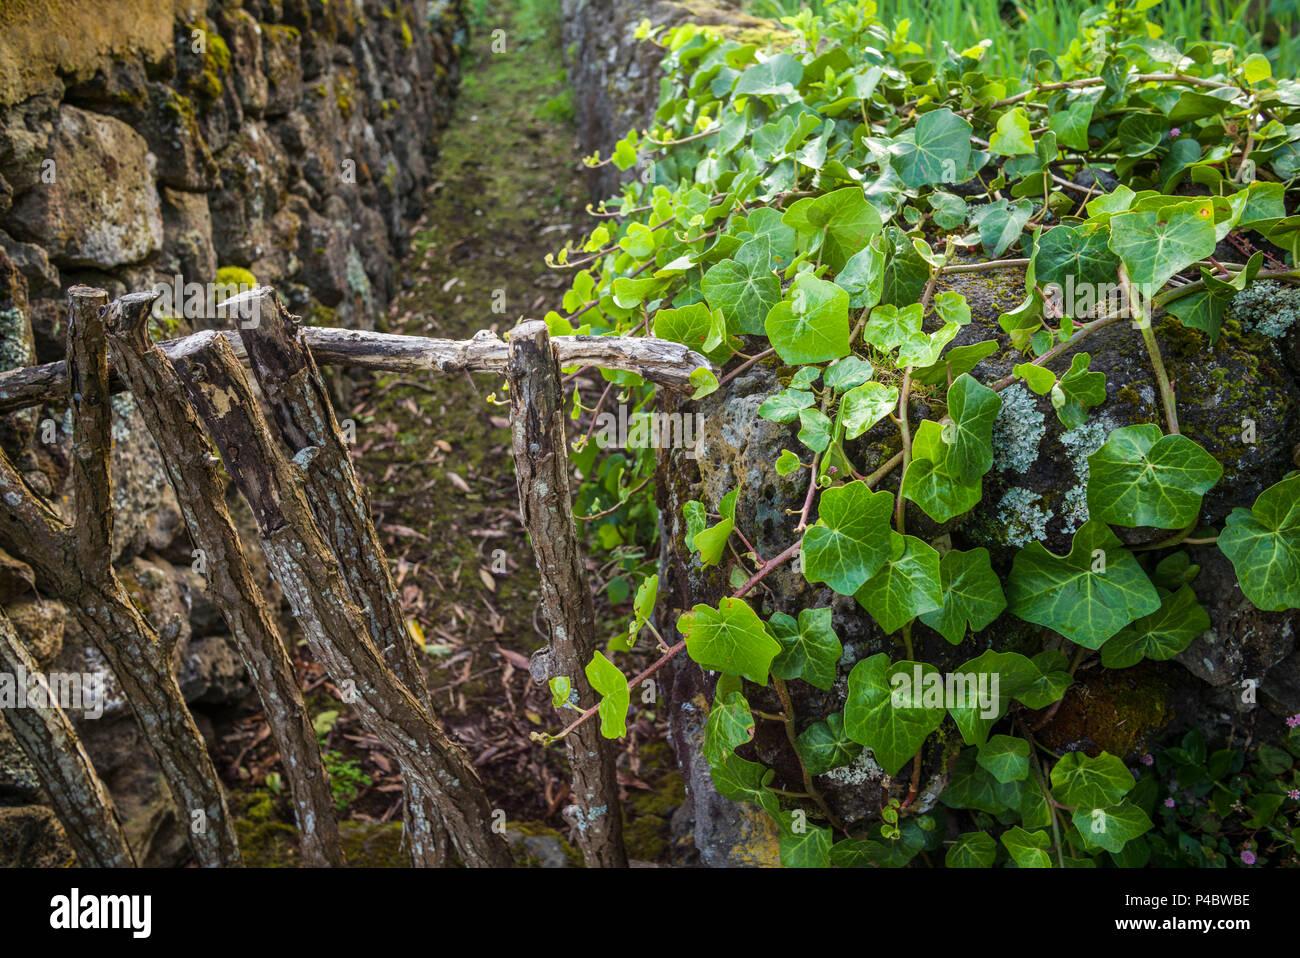 Portugal, Azores, Terceira Island, Sao Bartolomeo, farm fence - Stock Image